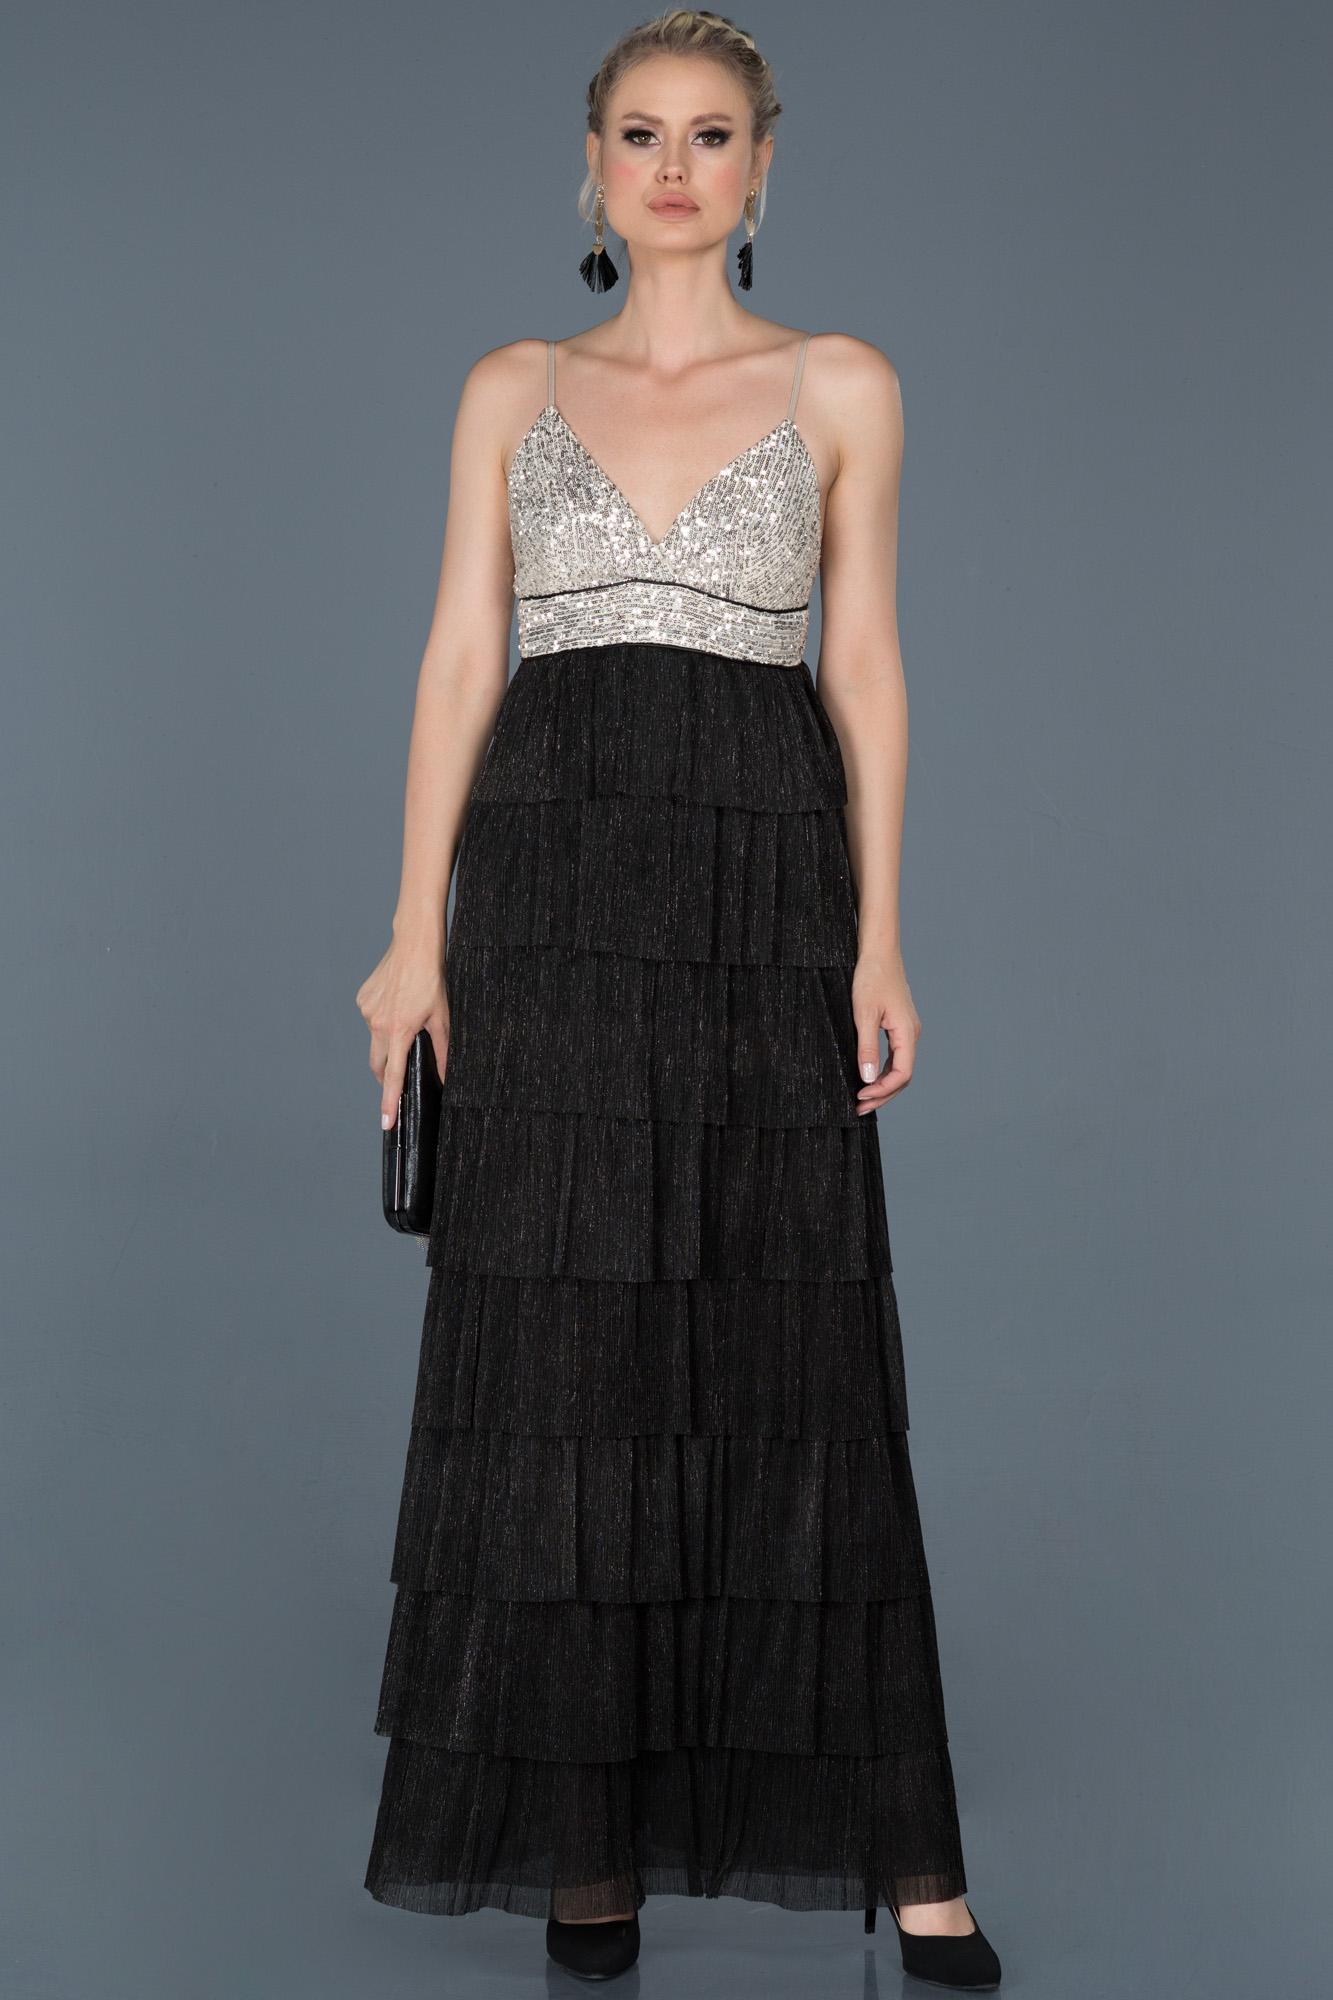 Siyah Uzun Askılı Simli Mezuniyet Elbisesi